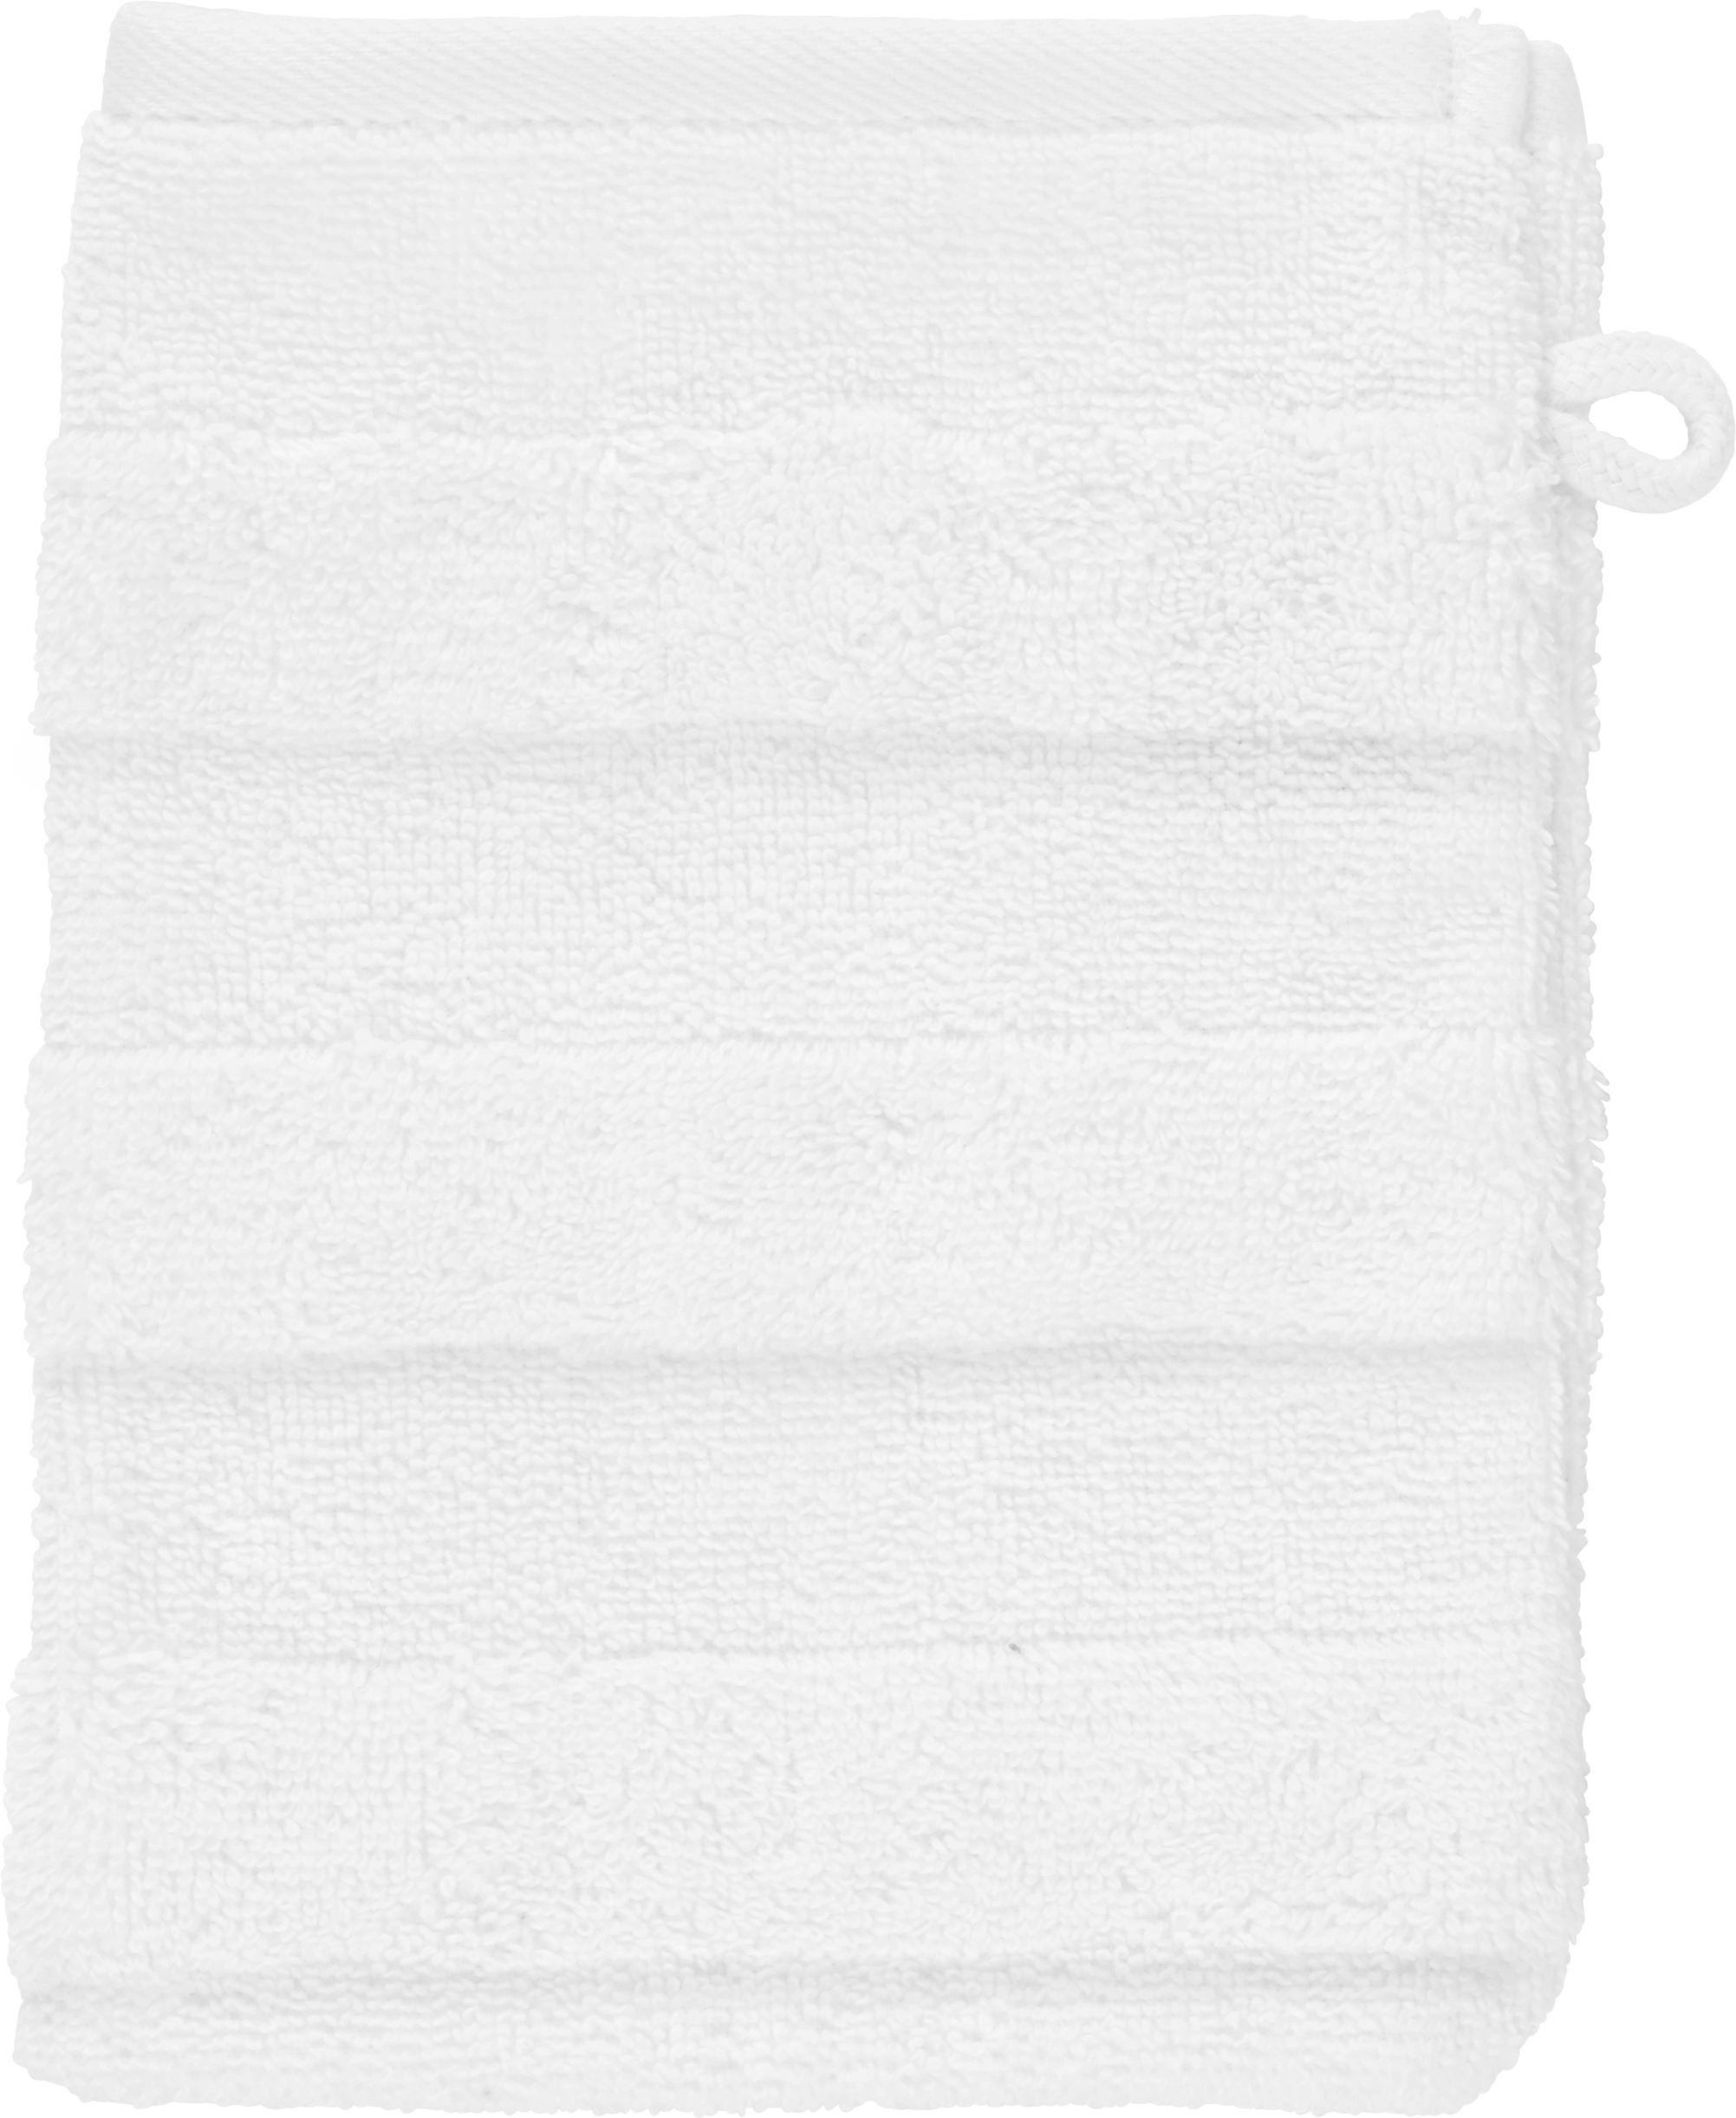 WASCHHANDSCHUH - Weiß, Basics, Textil (16/22cm) - LINEA NATURA